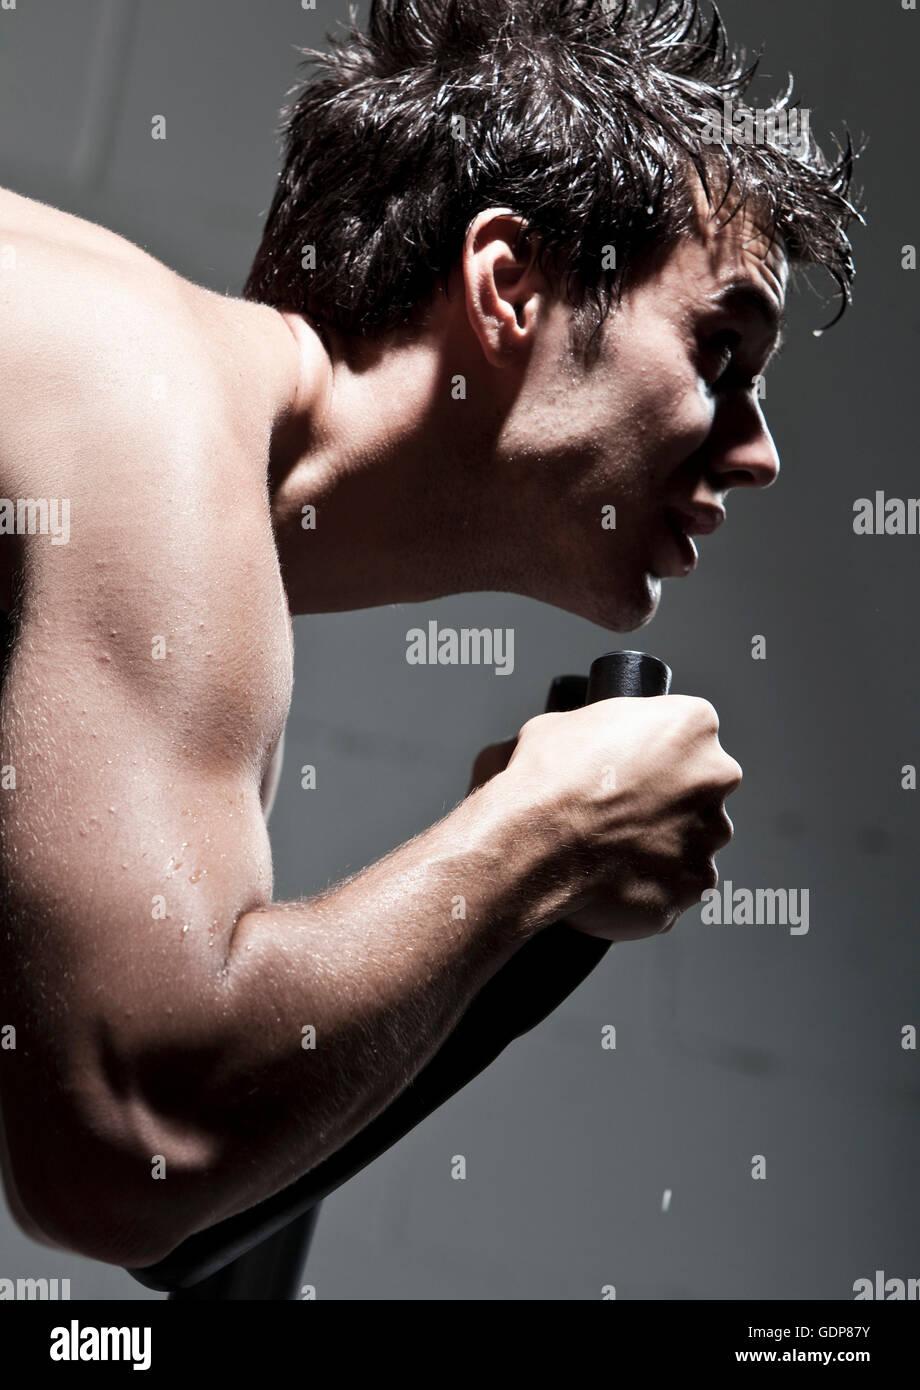 Vue de côté de l'homme à l'aide de machine d'exercice Photo Stock